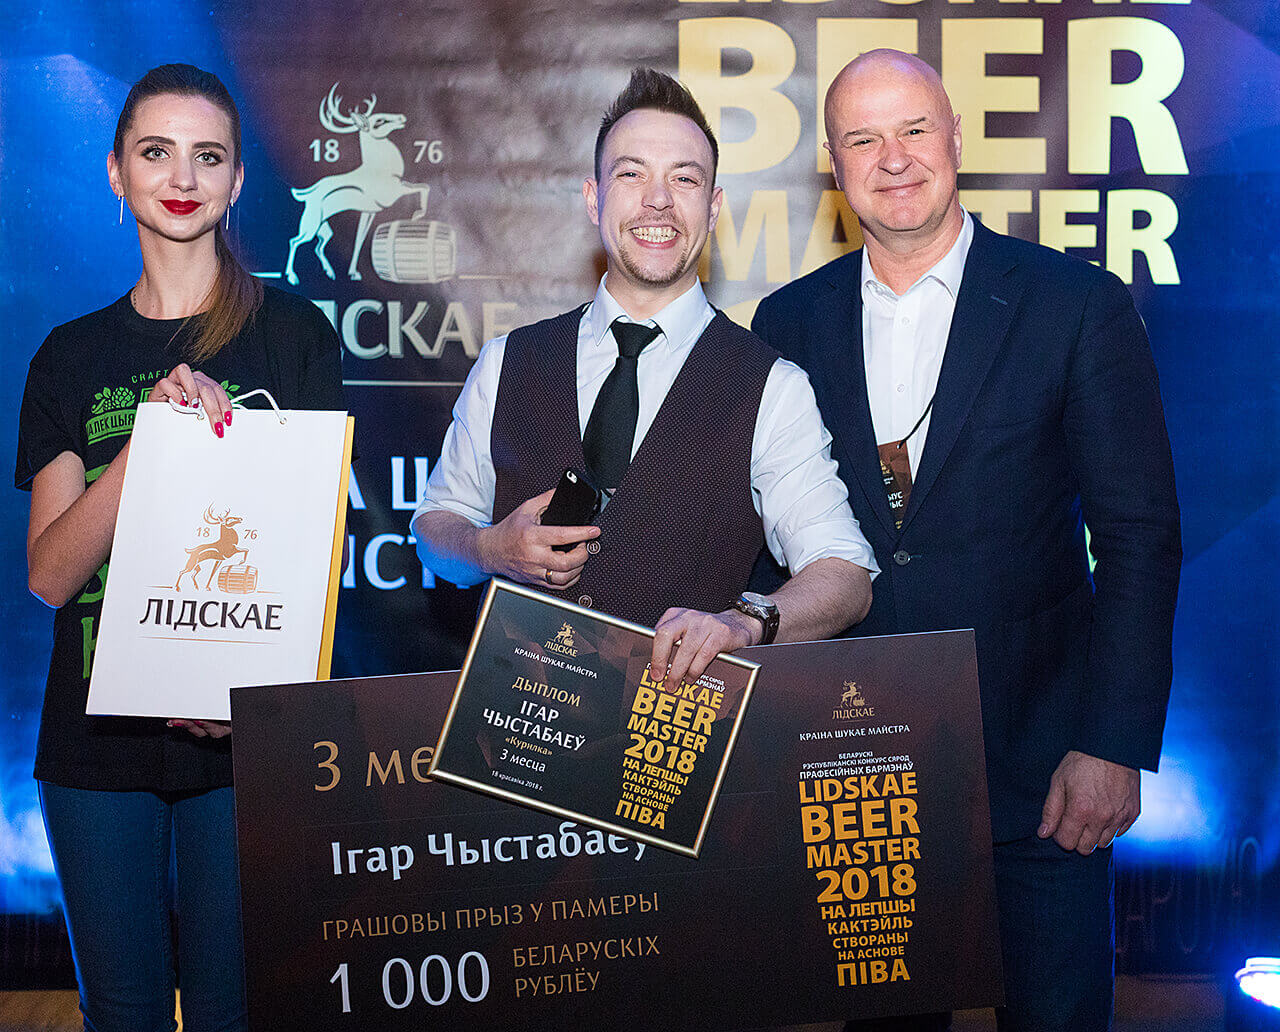 Финал конкурса барменов Lidskae Beer Master 2018 состоялся в Минске